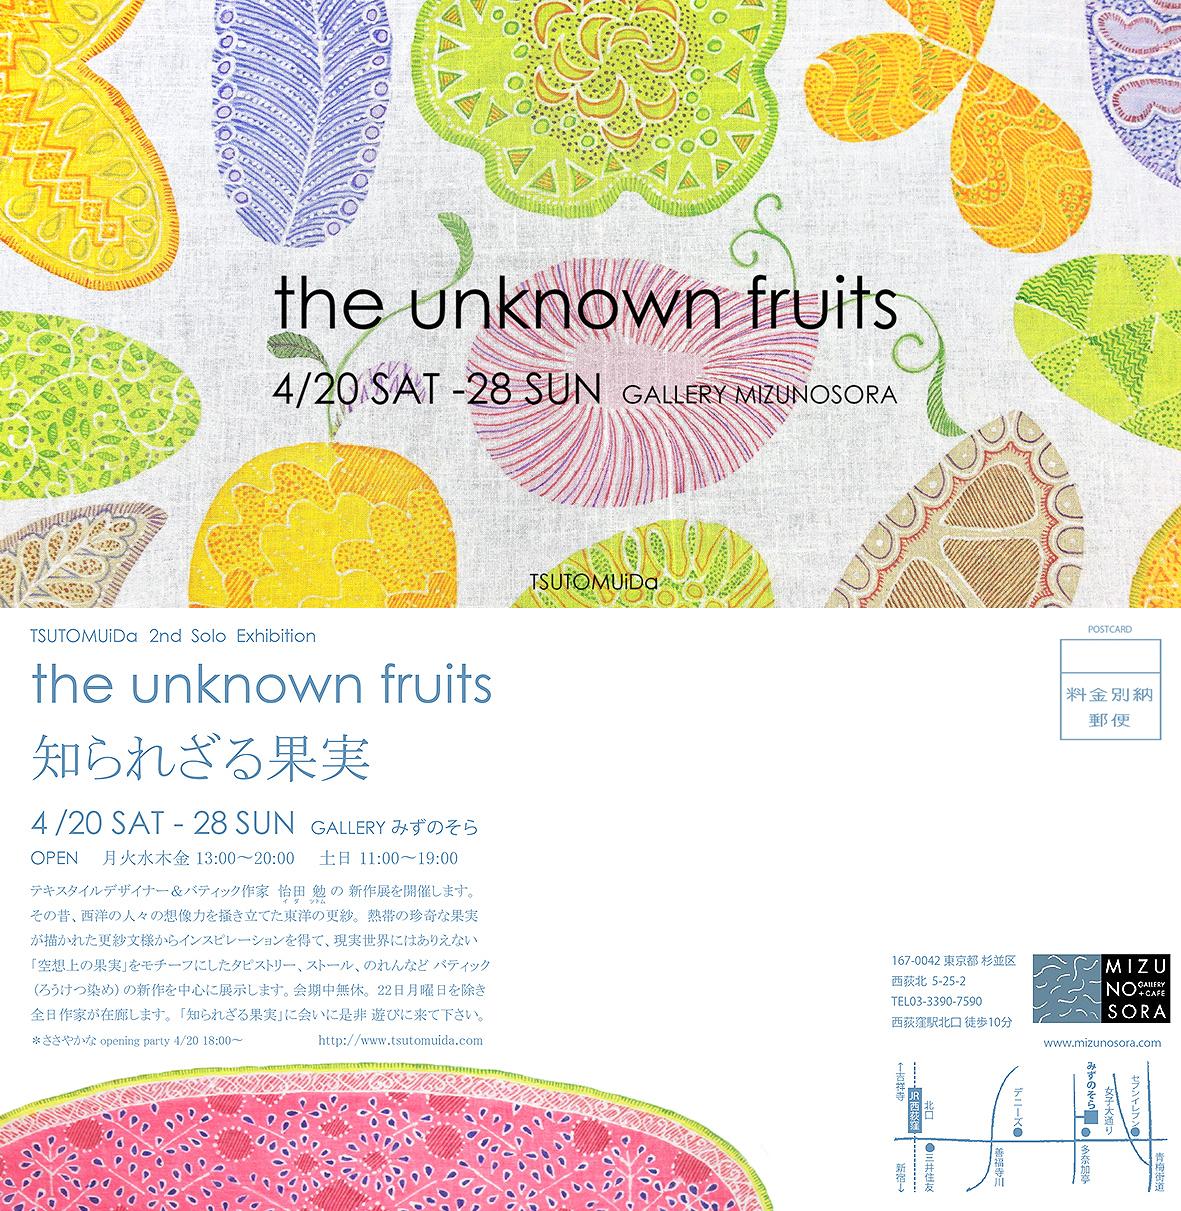 TSUTOMUiDa 第2回個展のお知らせ